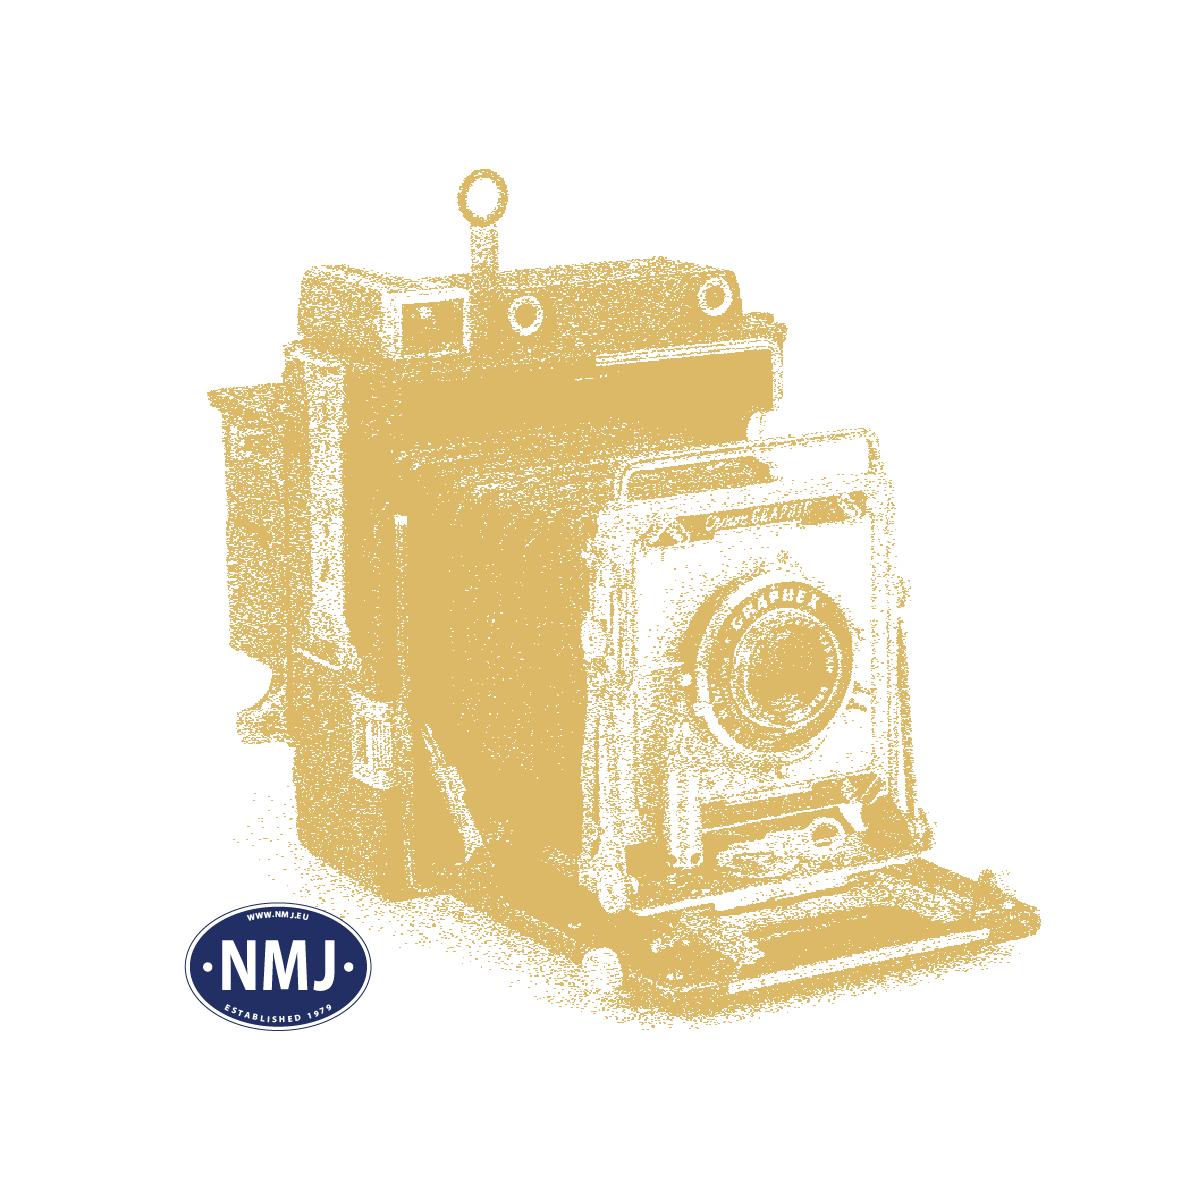 NMJT603.202 - NMJ Topline SJ D30 3512 Postvogn